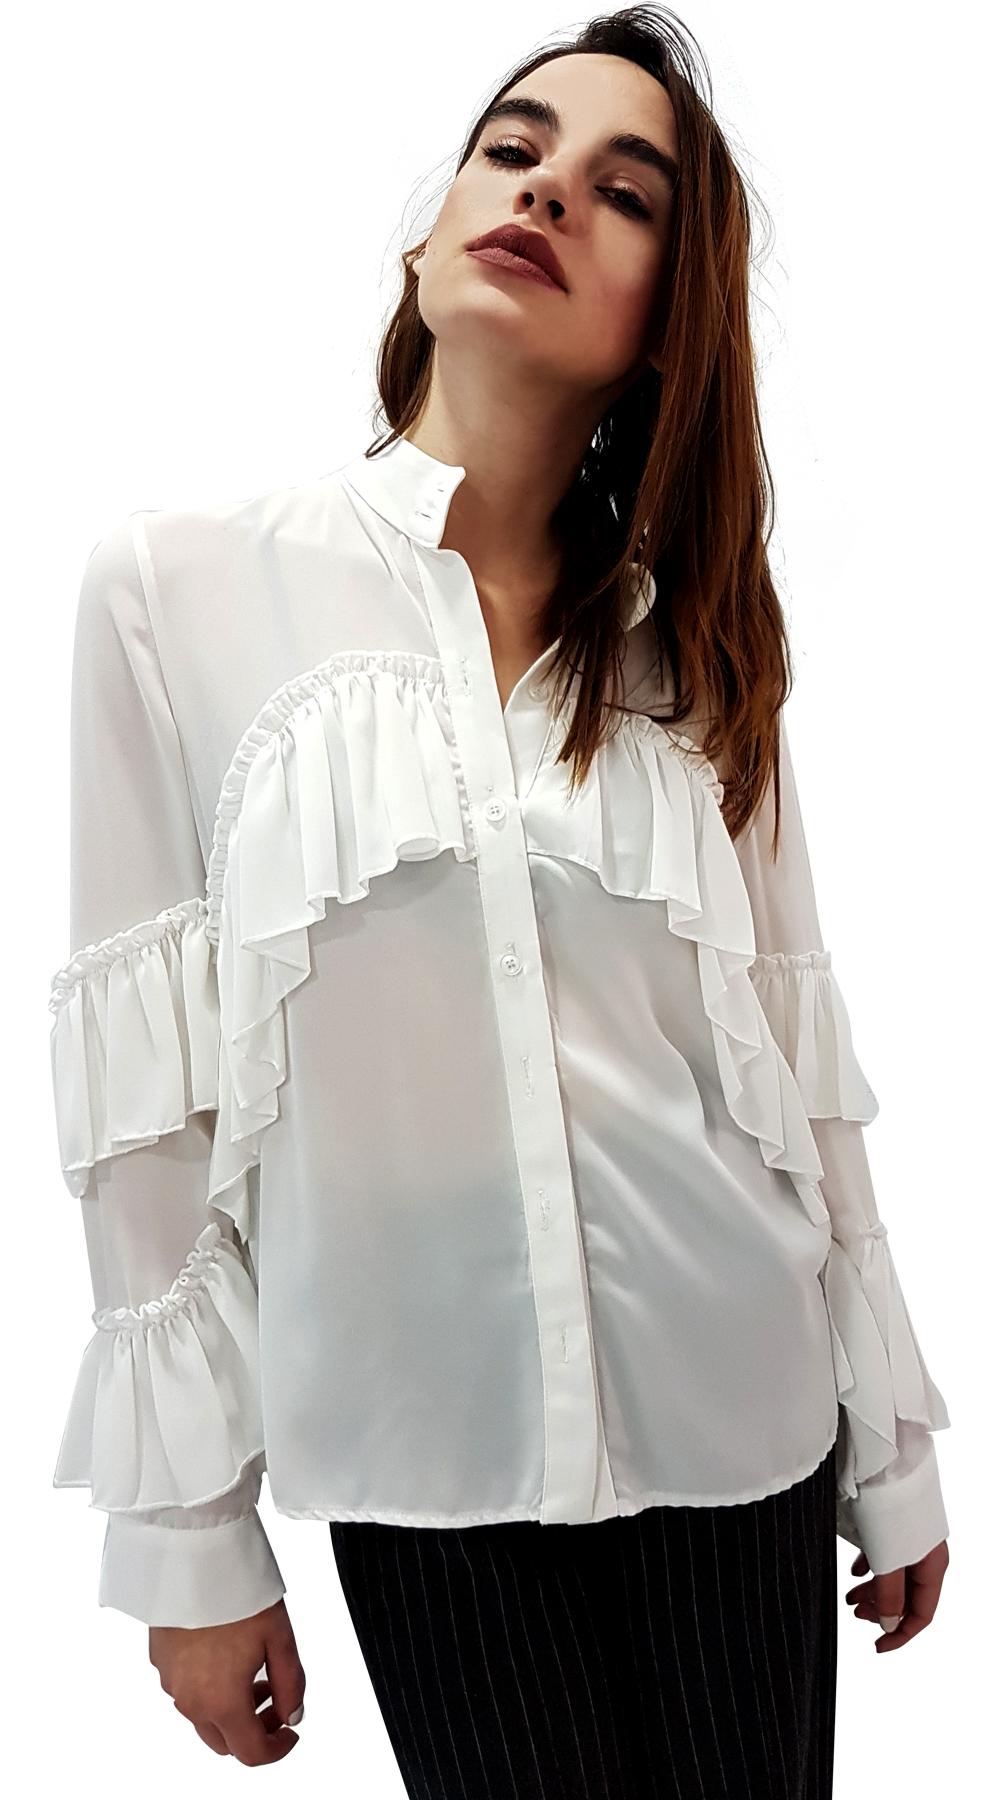 Γυναικείο πουκάμισο με φάσα βολάν στο στήθος - MissReina - SP18SOF-124578 μπλούζες   t shirts elegant tops